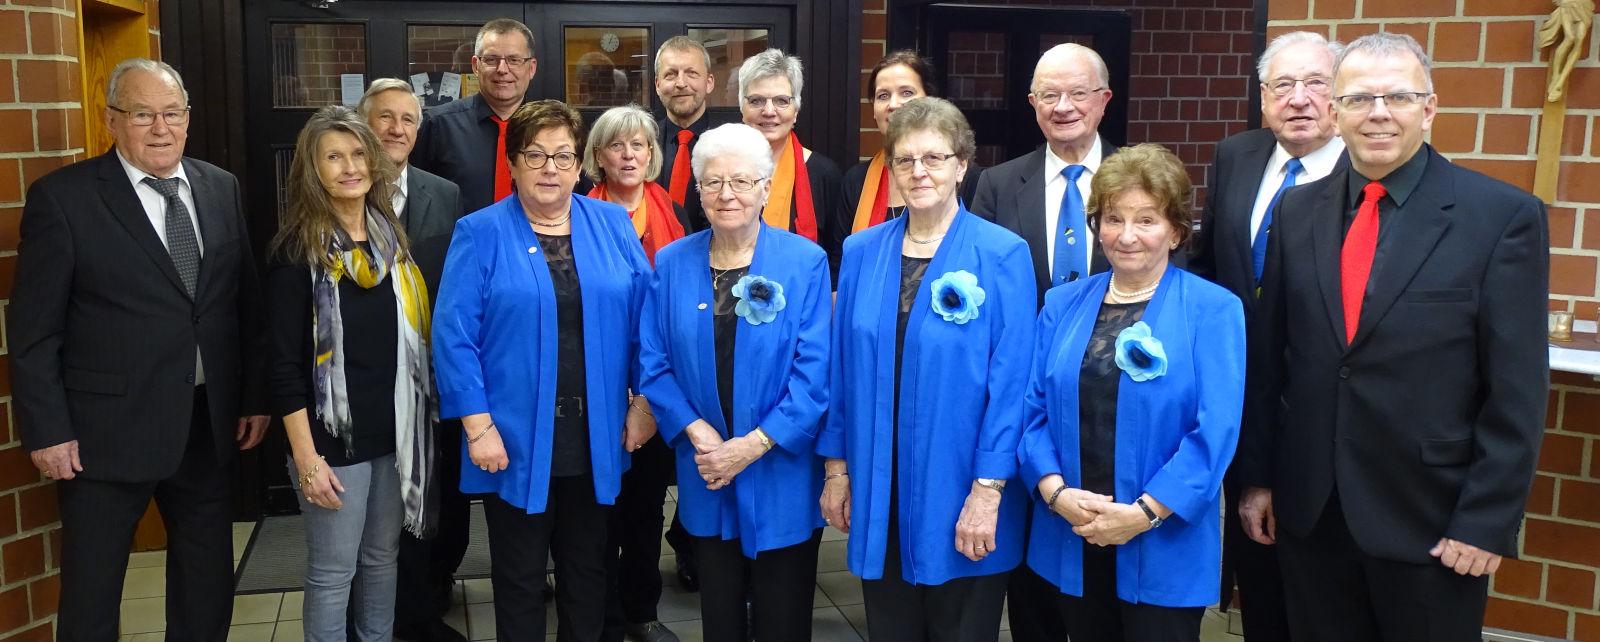 Jubiläum, Gemischter Chor Lembeck, 75 Jahre